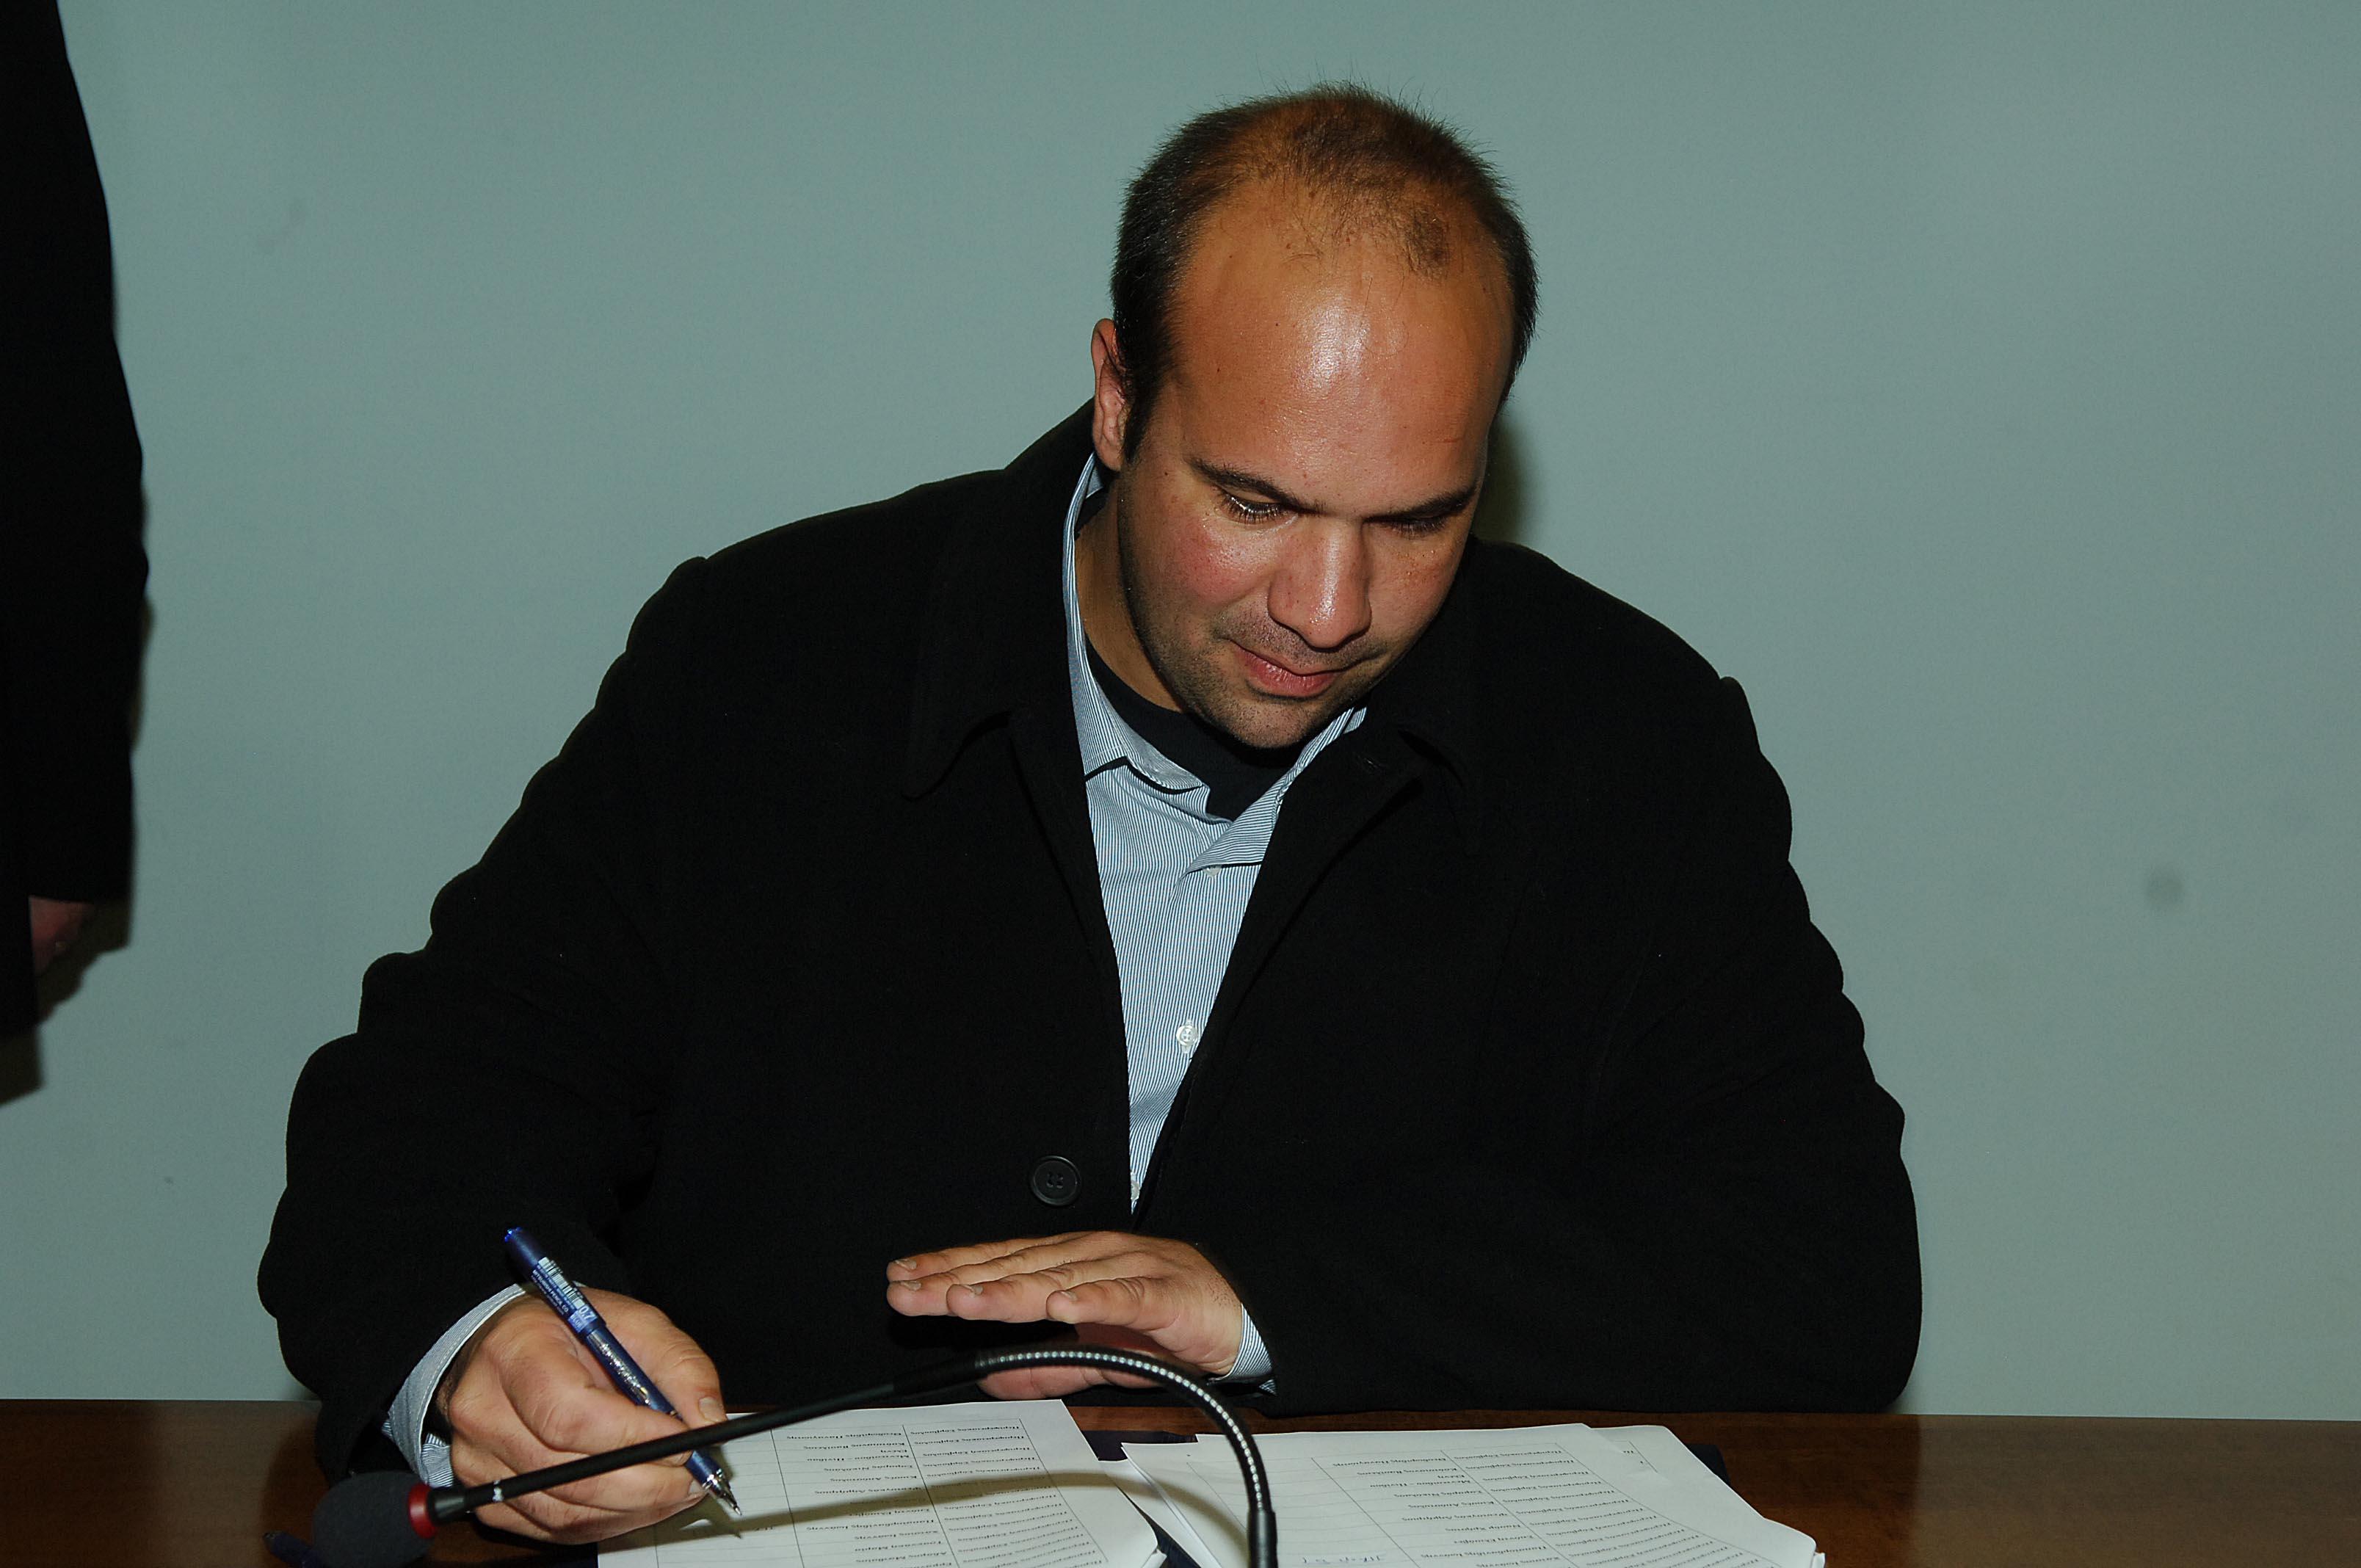 Παρουσίαση του νυν περιφερειακού συμβούλου και υποψηφίου Αντιπεριφερειάρχη Γρεβενών κ. Ιωάννη Γιάτσιου